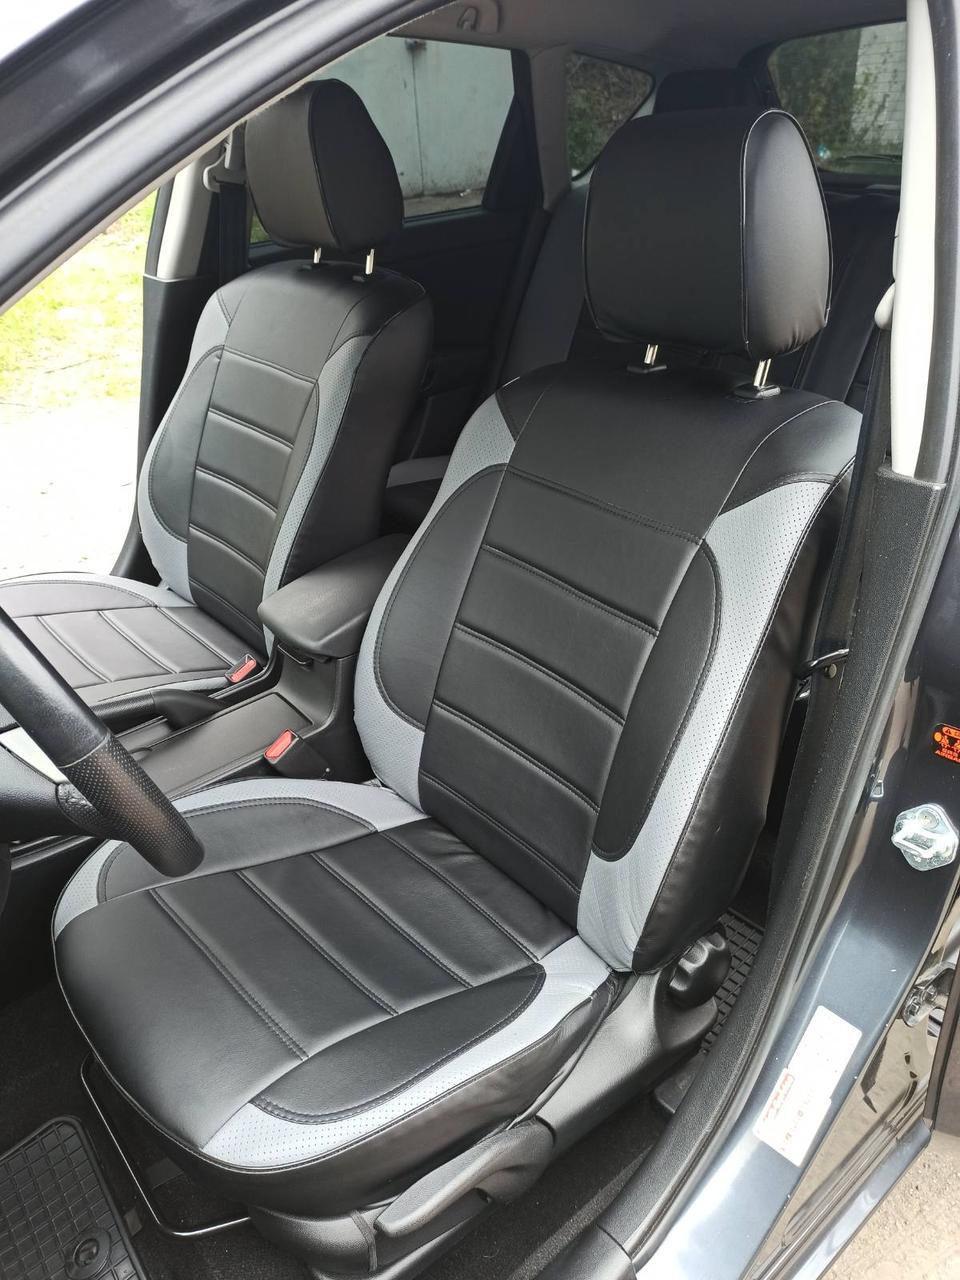 Чохли на сидіння КІА Соул 2 (KIA Soul 2) (модельні, MAX-L, окремий підголовник) Чорно-сірий Чорно-сірий